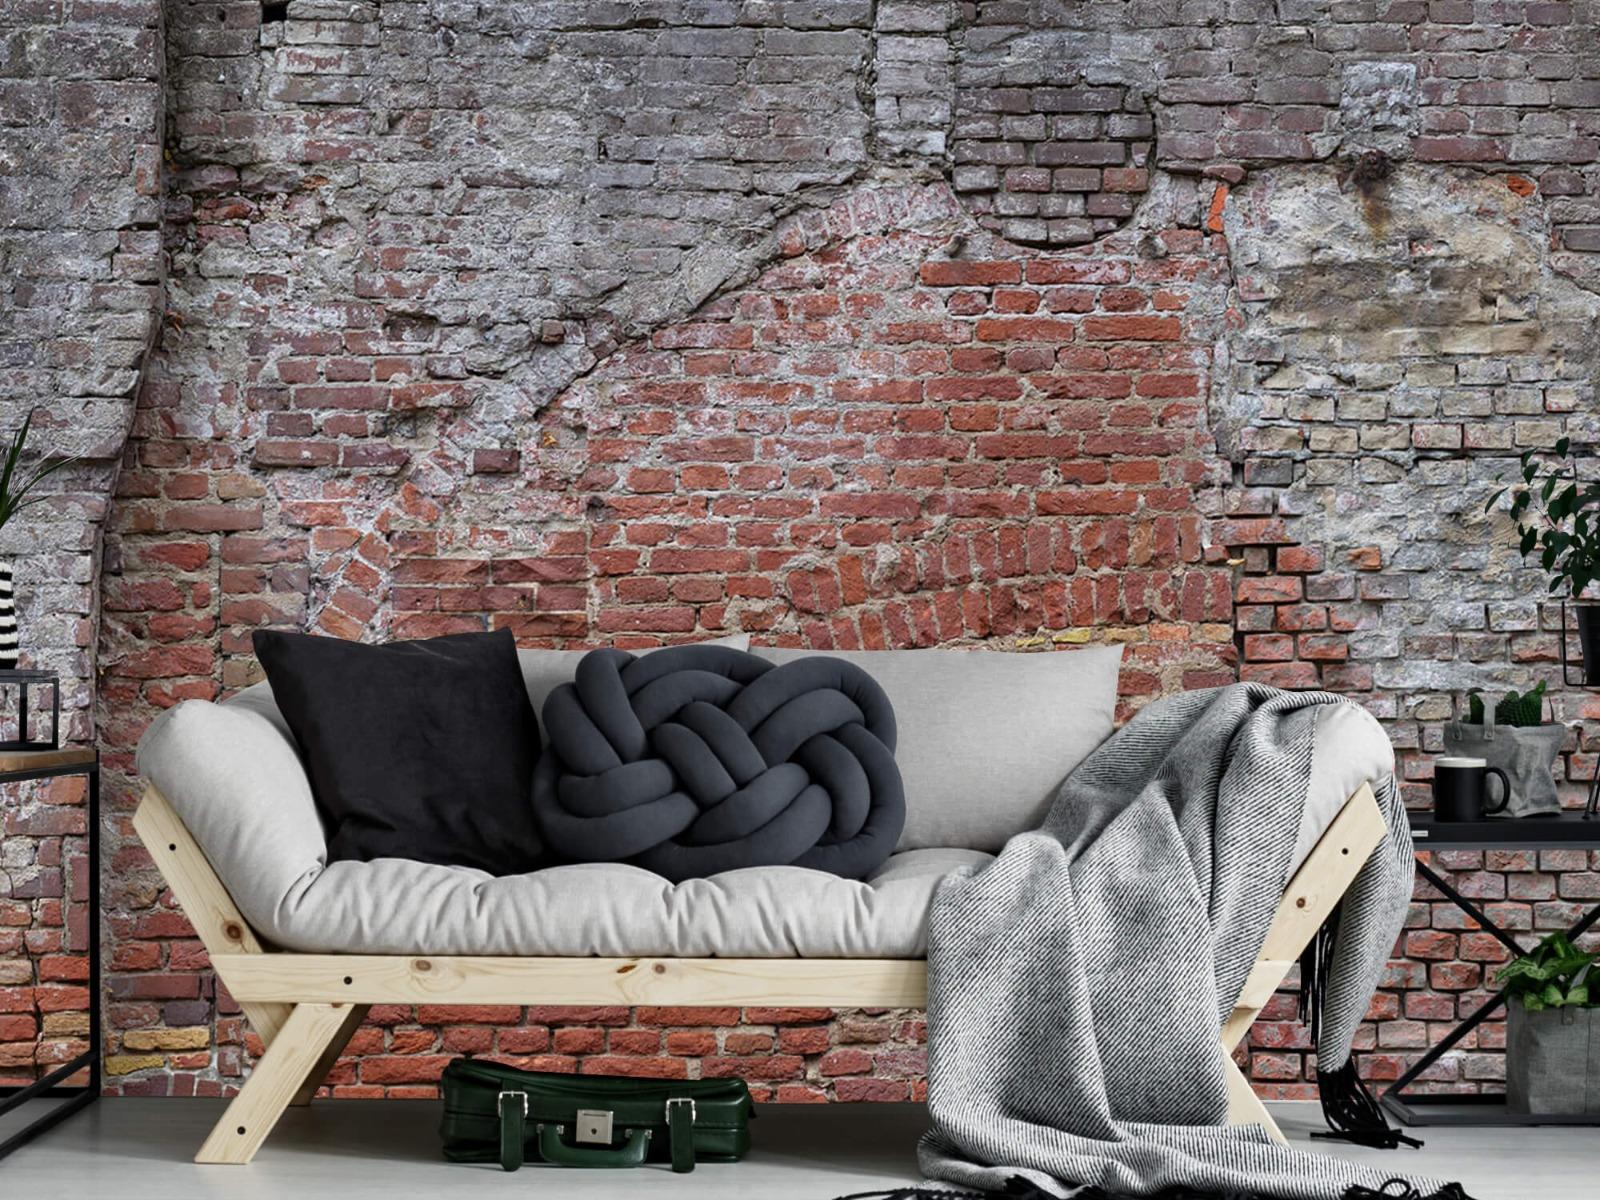 Steen behang - Oude herstelde stadsmuur - Tienerkamer 6